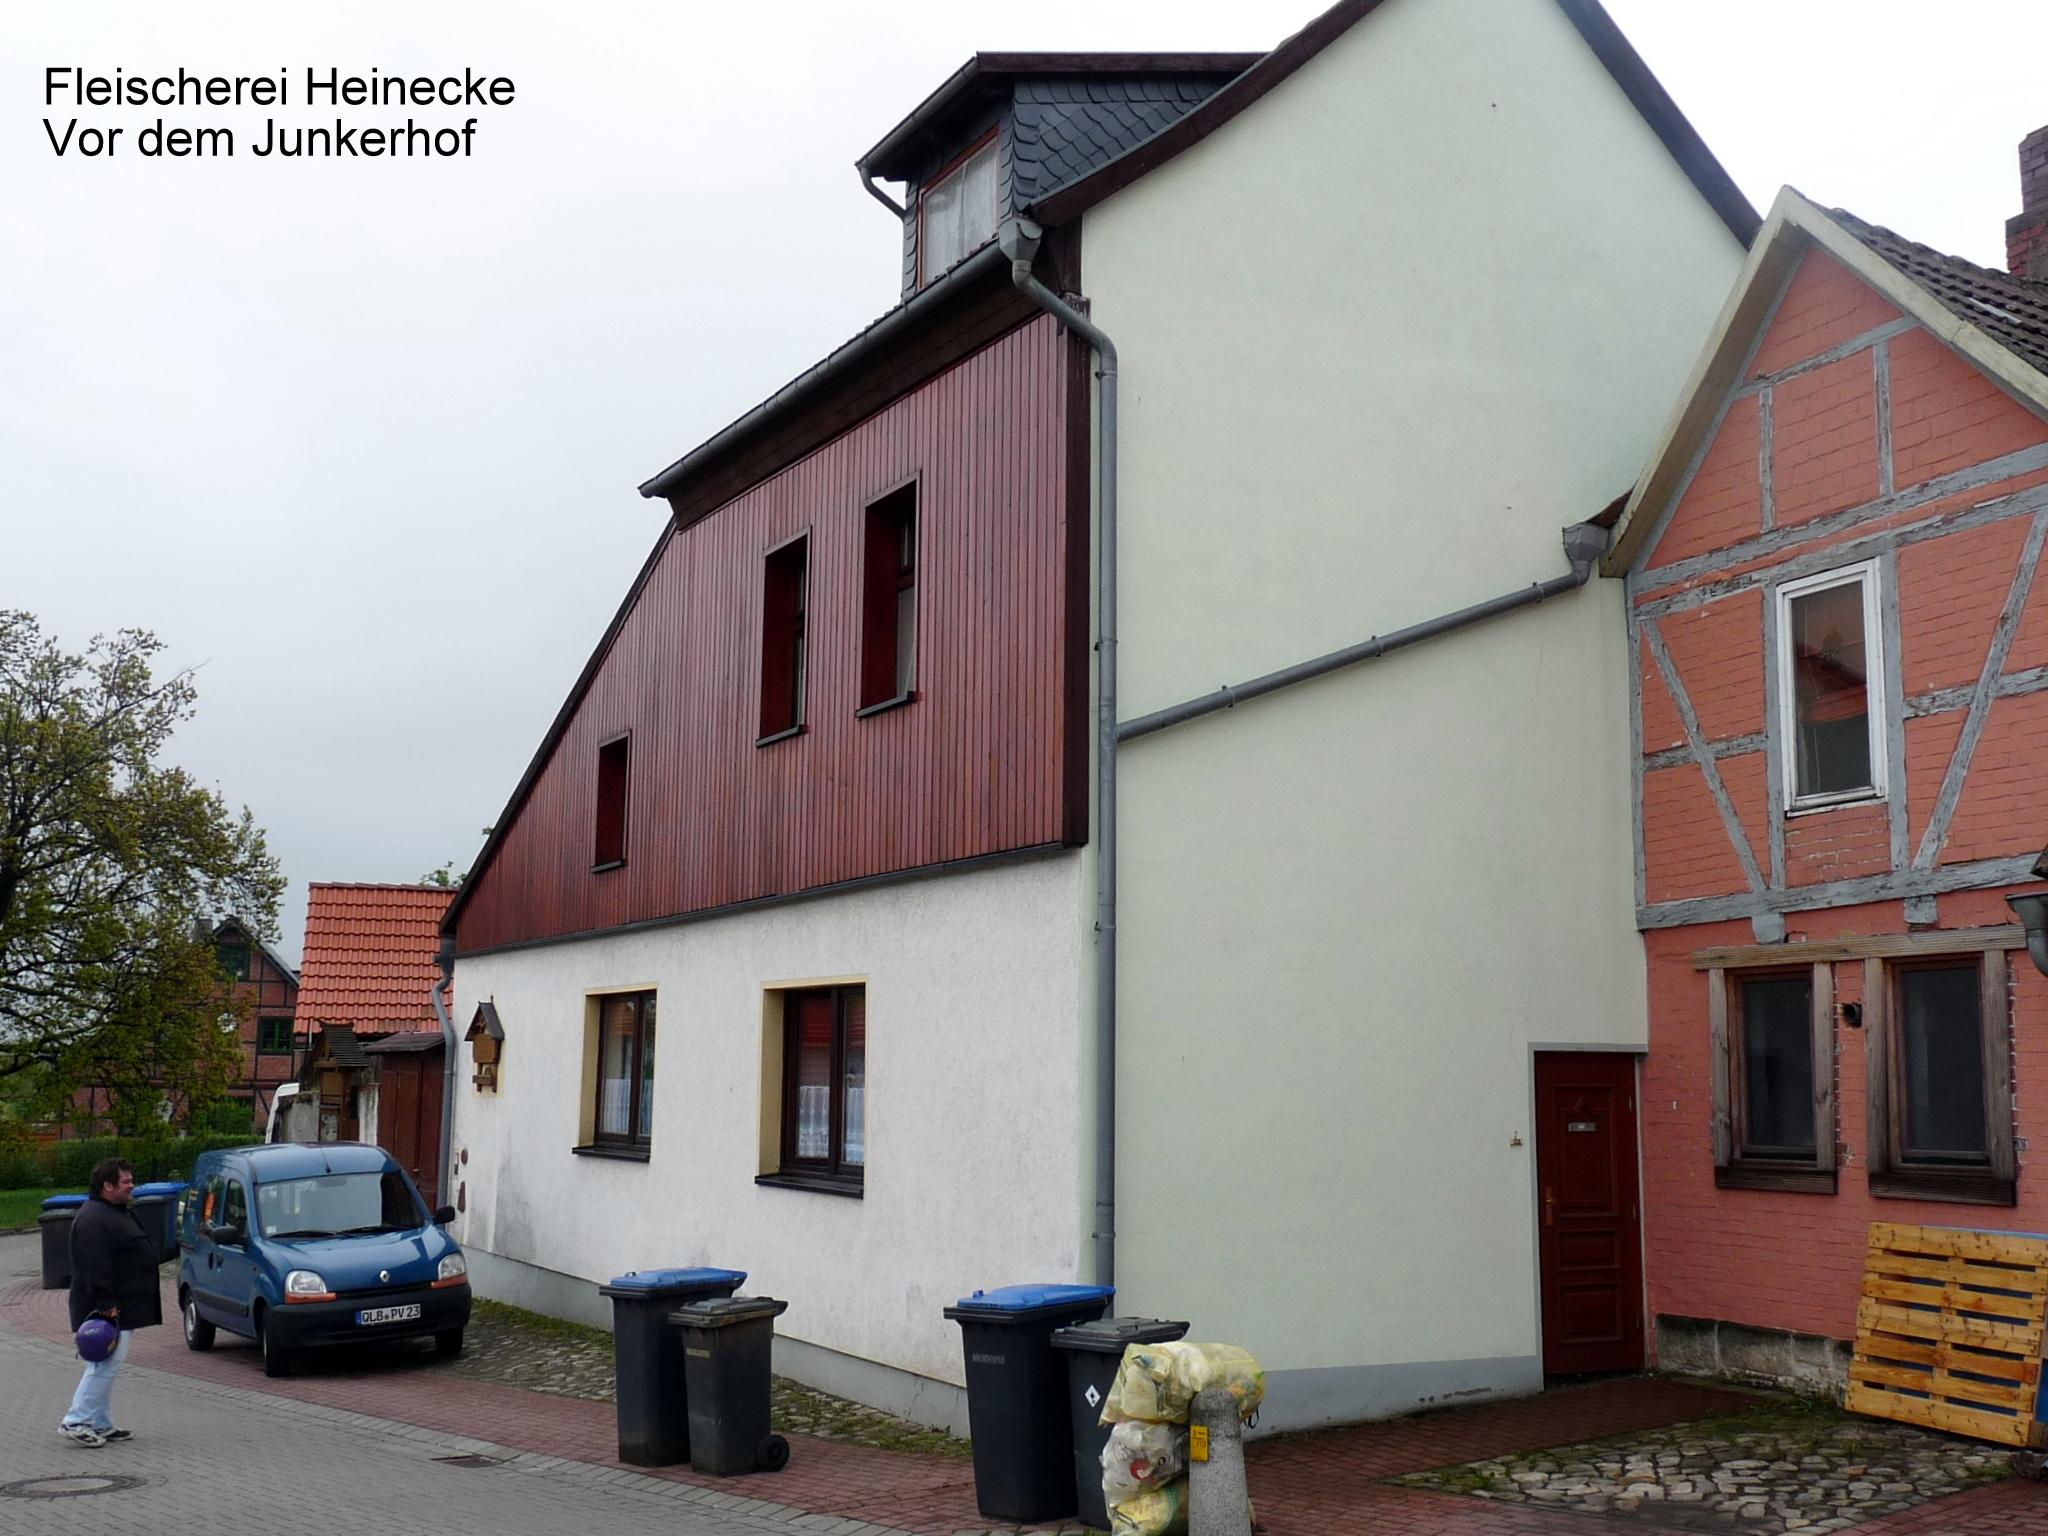 Fleischer Heinecke